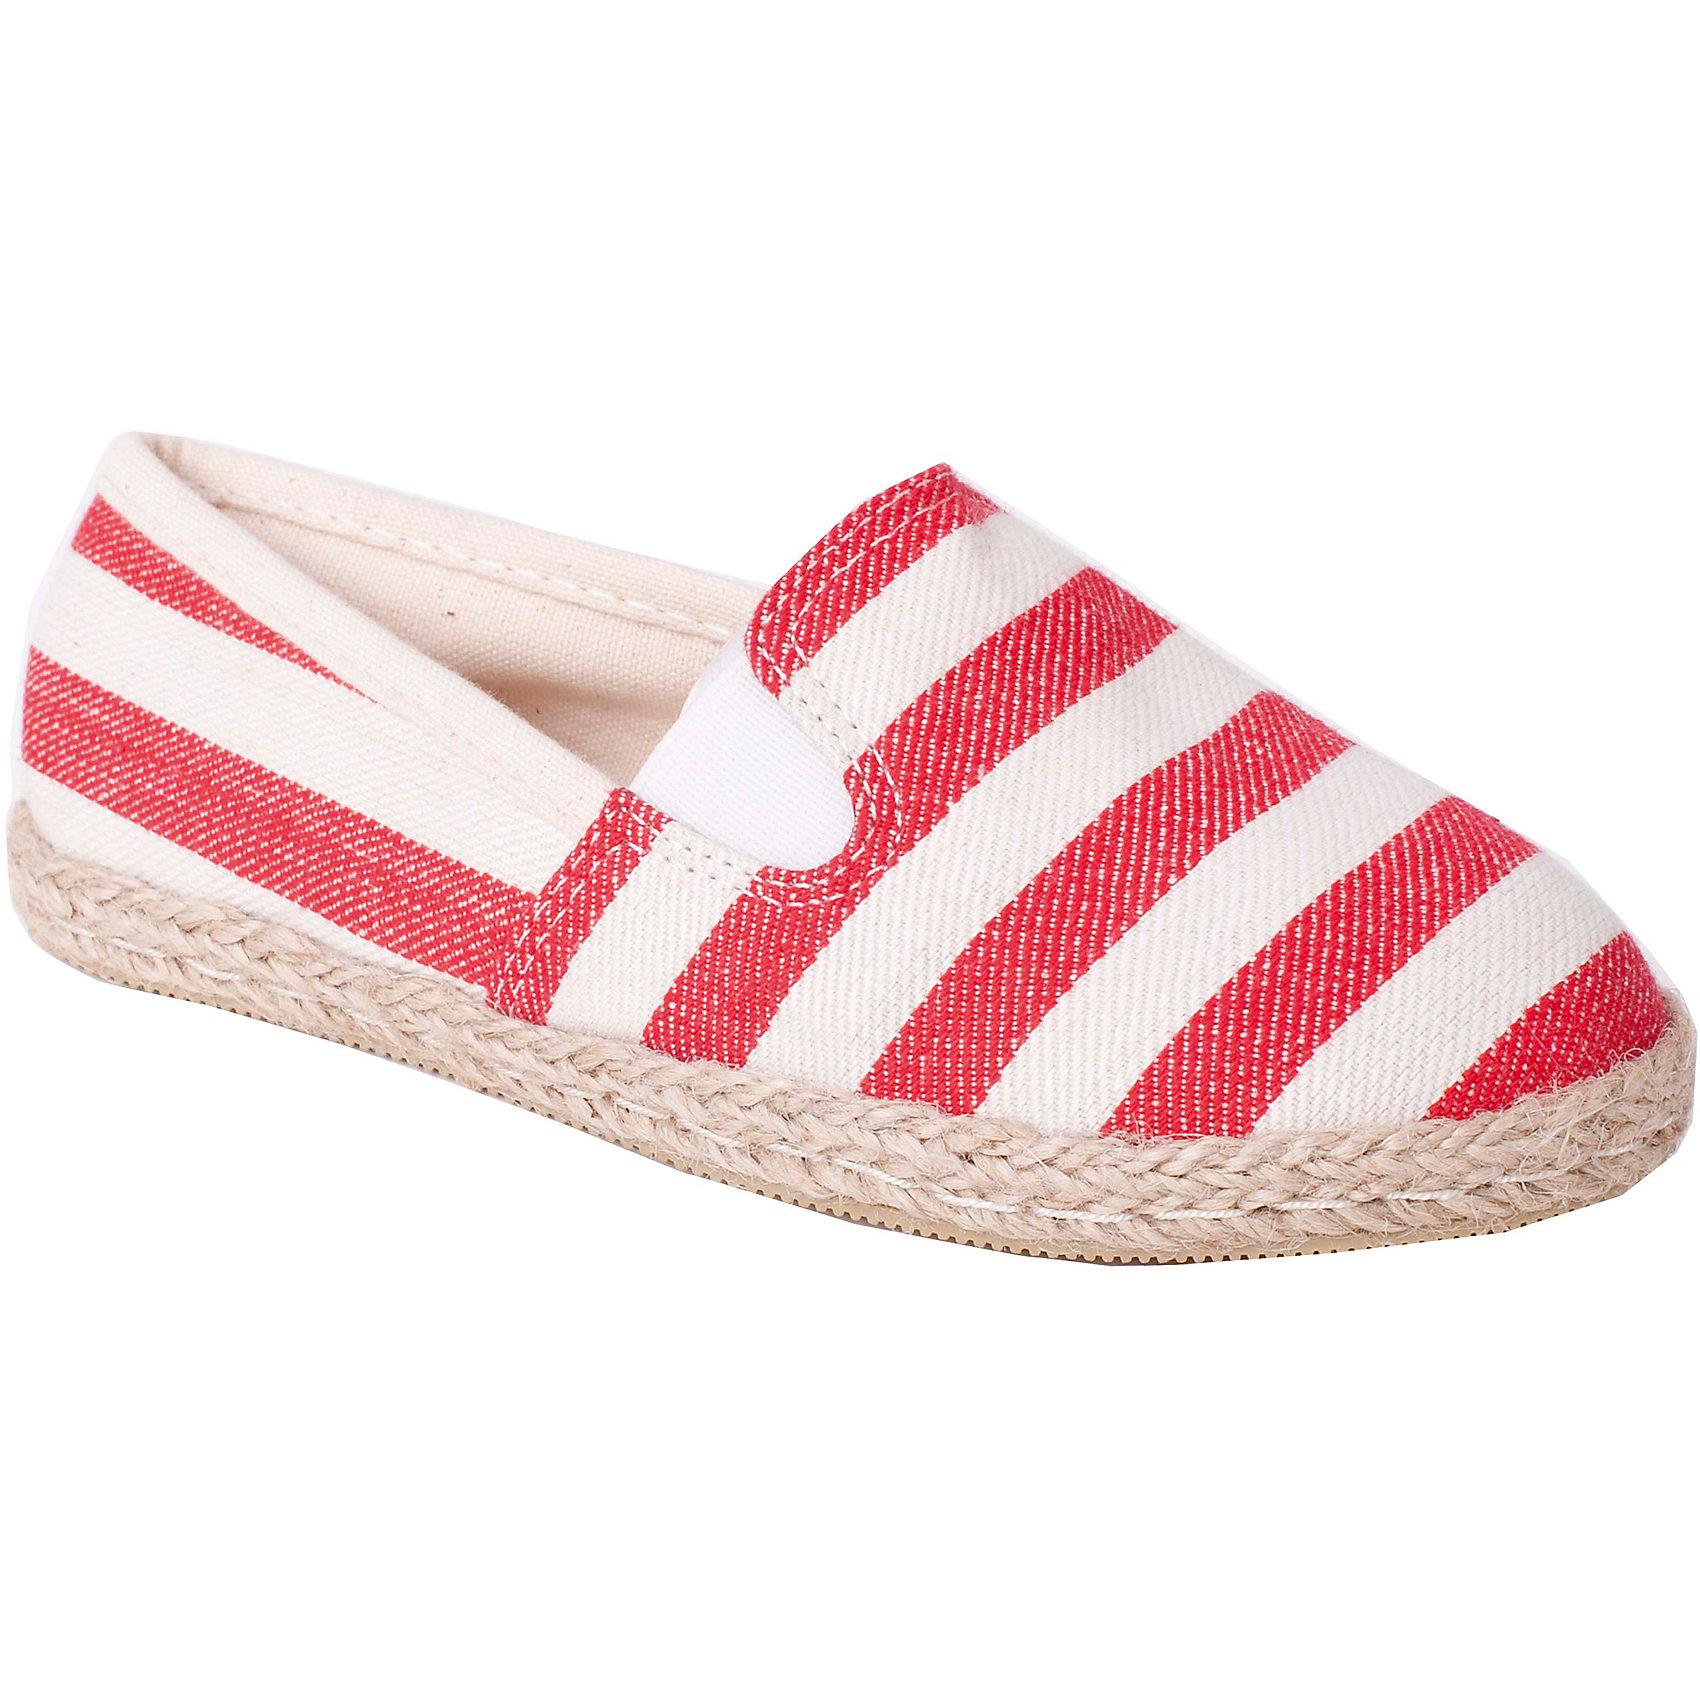 Слипоны для девочки GulliverСлипоны<br>Стильные эспадрильи могут стать отличной заменой сланцам или сандалиям: их можно носить целый день во дворе или на пляже, а если нужно, надеть и вечером, с летними джинсами или шортами. Эспадрильи носят исключительно на голую ногу, поэтому материал верха, естественно, хлопок! Сегодня эти мягкие «тапочки» - эспадрильи -  самая популярная модель сезона Весна-Лето 2016!<br>Состав:<br>верх:              100% хлопок;            подкладка:             100% хлопок;                            подошва:                 TPR<br><br>Ширина мм: 227<br>Глубина мм: 145<br>Высота мм: 124<br>Вес г: 325<br>Цвет: разноцветный<br>Возраст от месяцев: 120<br>Возраст до месяцев: 132<br>Пол: Унисекс<br>Возраст: Детский<br>Размер: 34,35,33,31,30,32<br>SKU: 4534453